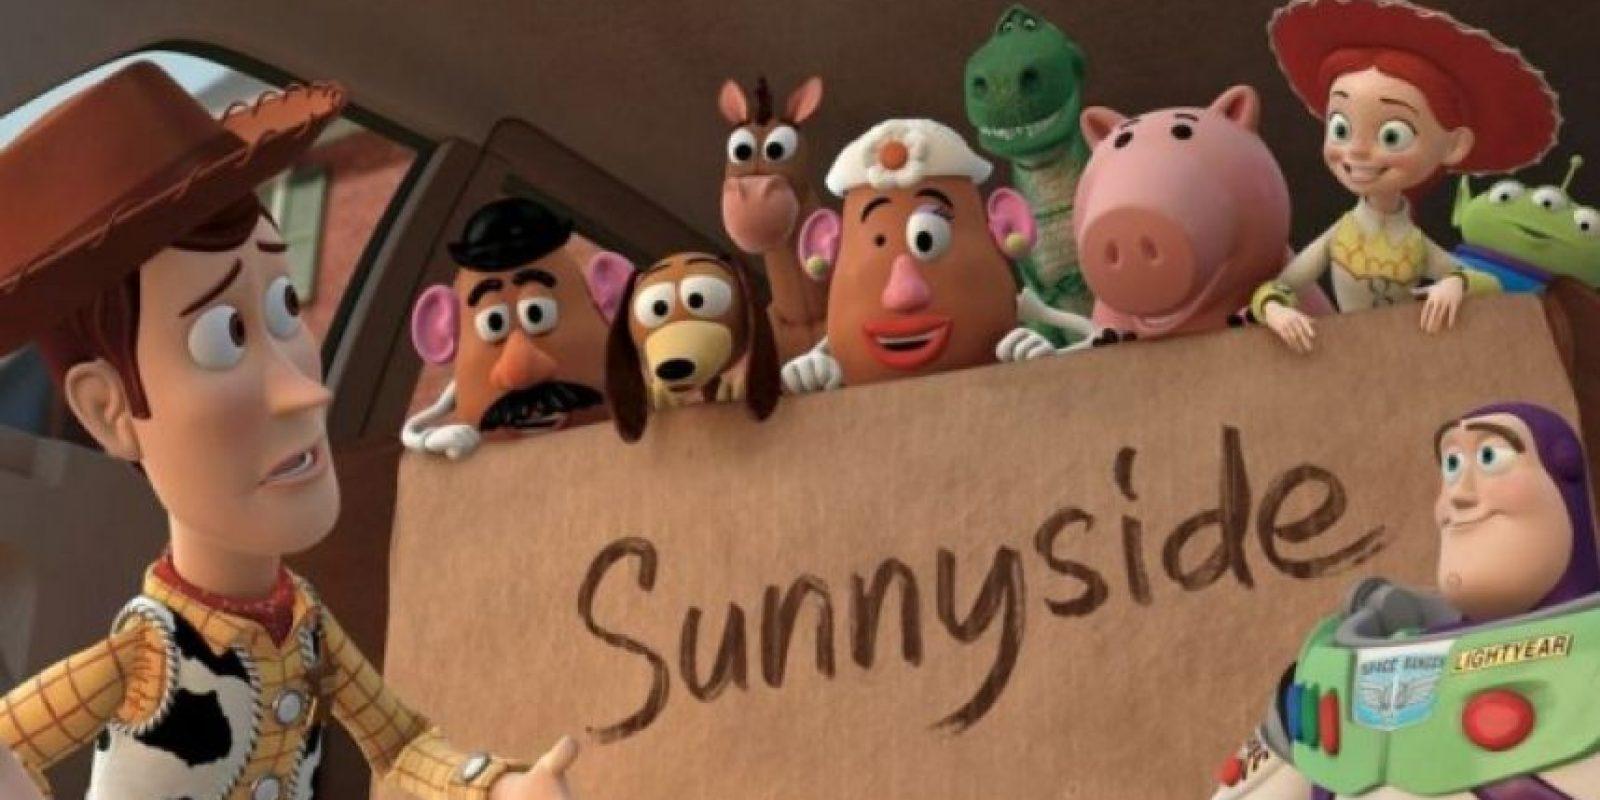 """8.- """"Toy Story"""" no era el nombre planeado para el filme. Los productores tenían otras opciones de nombre en mente, como: """"Made in Taiwan"""", """"Moving Buddies"""", """"The Cowboy & The Spaceman"""", """"Toyz en el Hood"""" y """"Bring me the arm of Buzz Lightyear"""". Foto:Facebook/Toy Story"""